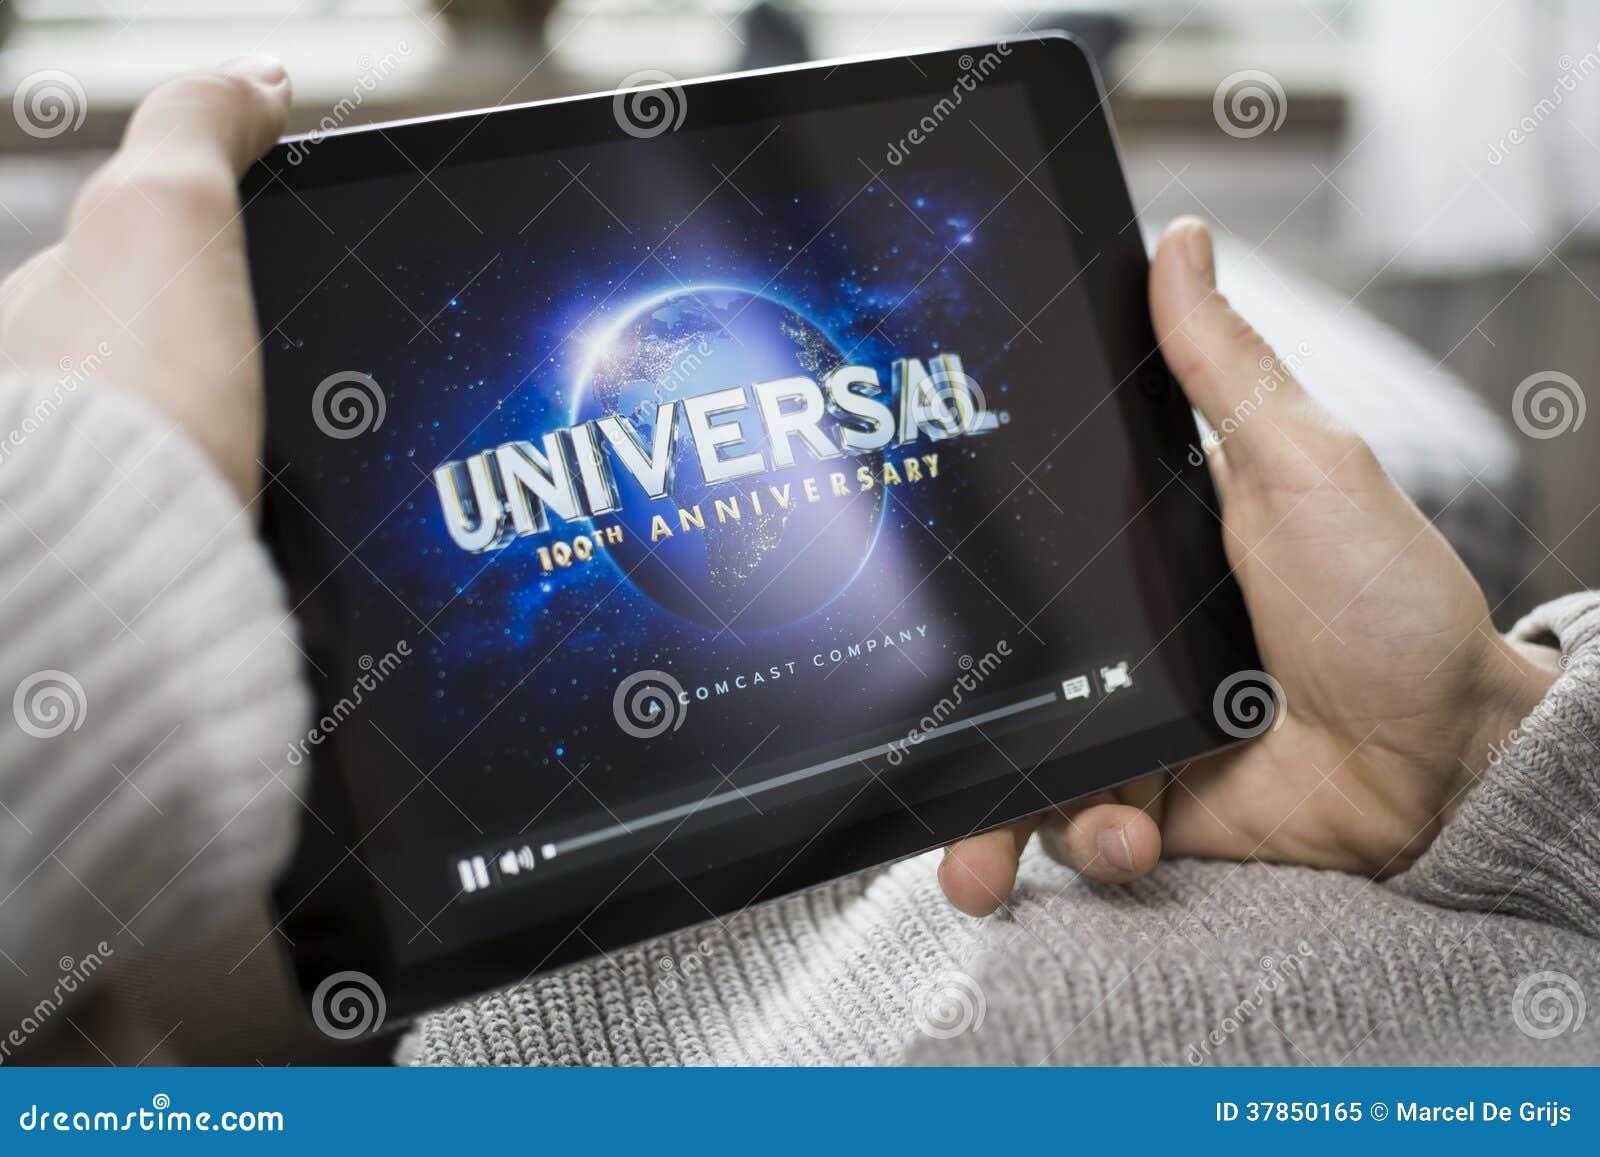 Watch Movies Ipad 2 Free